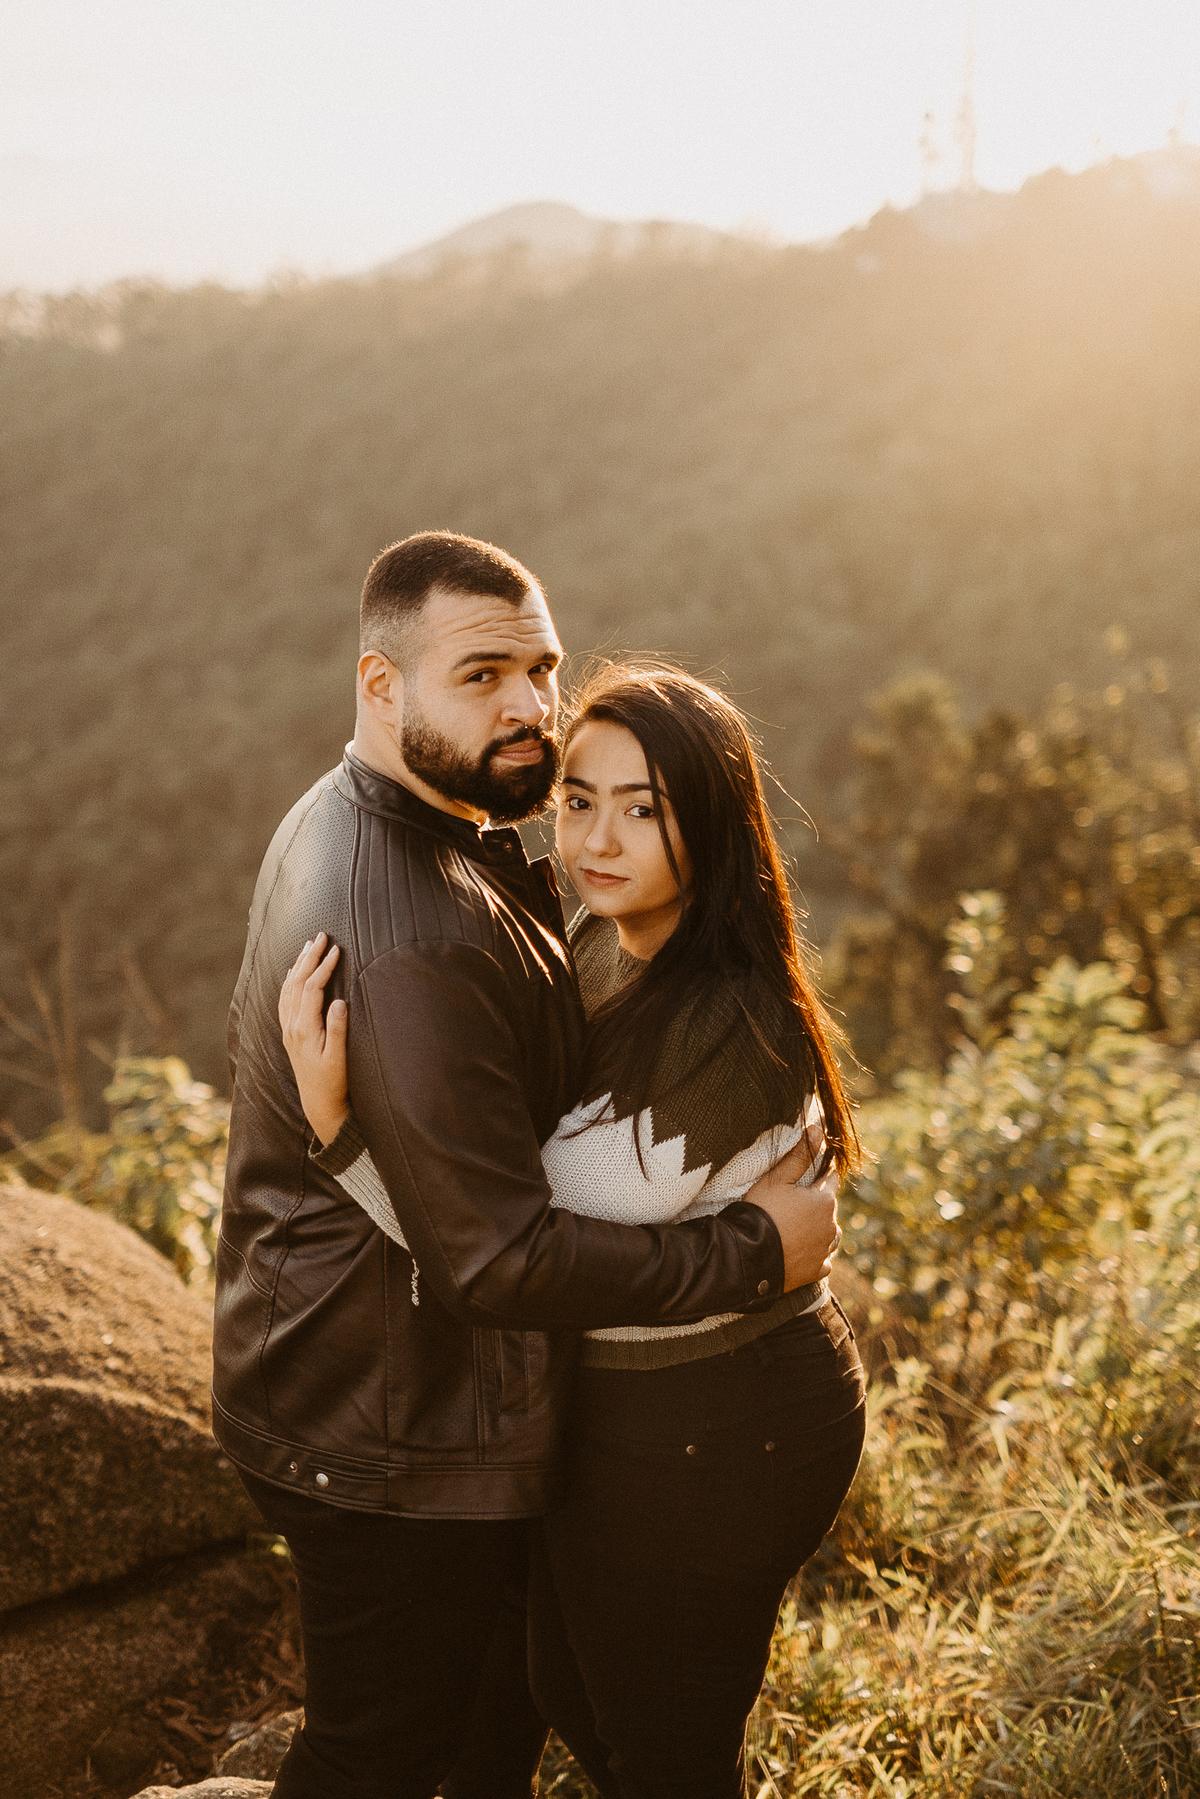 ensaio casal nascer do sol casamentos de dia cerimonia intimista mini wedding fotografia de casamento pico do urubu caioh foto